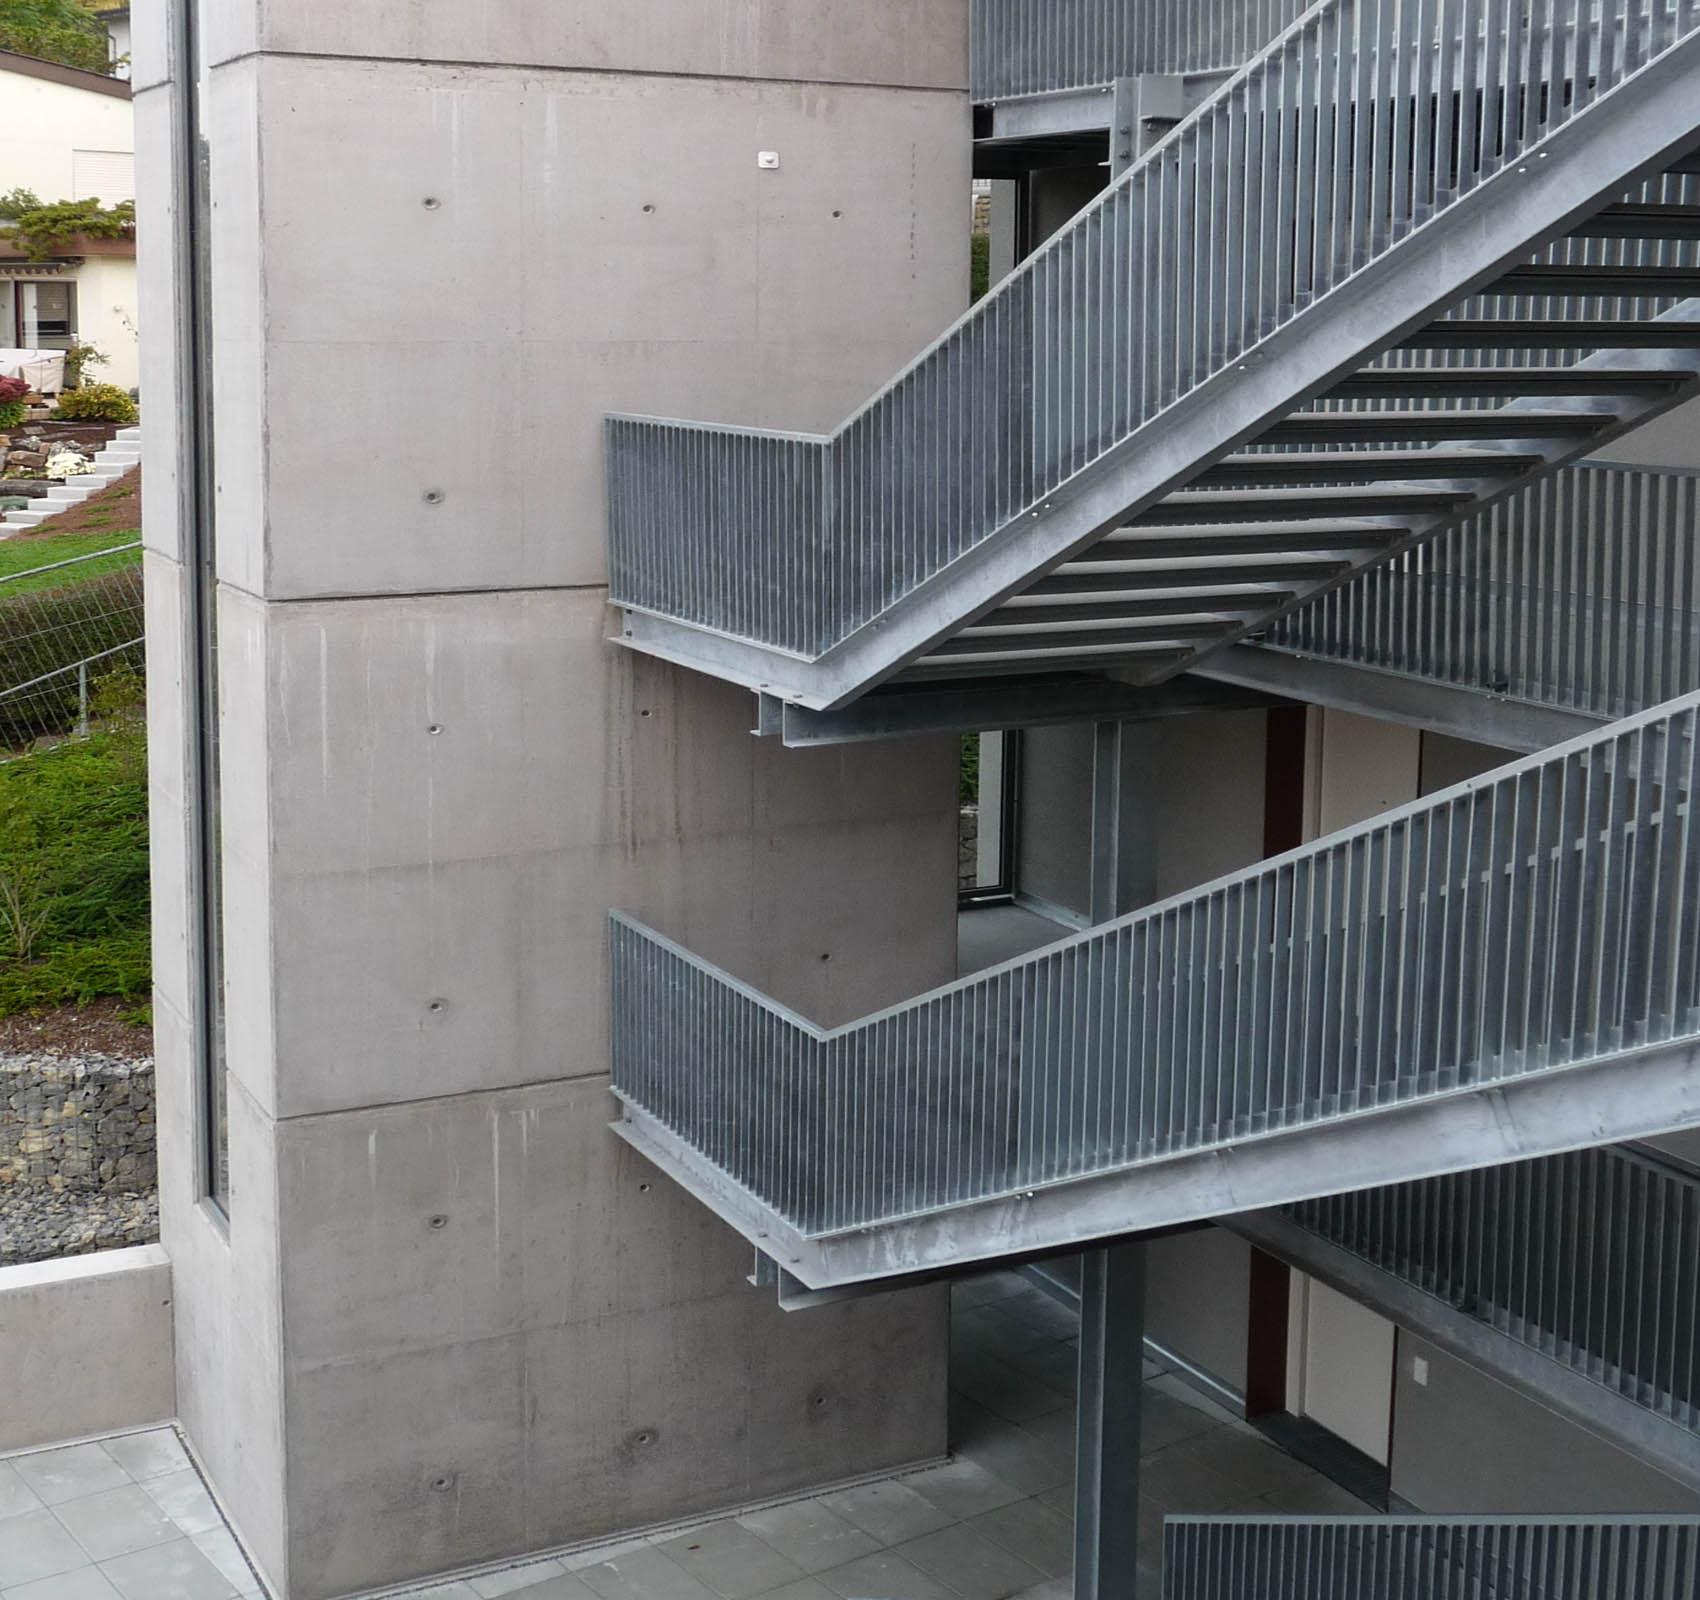 Studentenwohnheim Viktor-Renner-Straße 4. Das Gebäude wurde in Holztragwerk, in hochfeuerhemmender Bauweise REI 60, Holzständerwände mit GKF beplankt. 100 % regenerative Energien durch Holzpelletheizung und Sonnenkollektoren Kfw 40